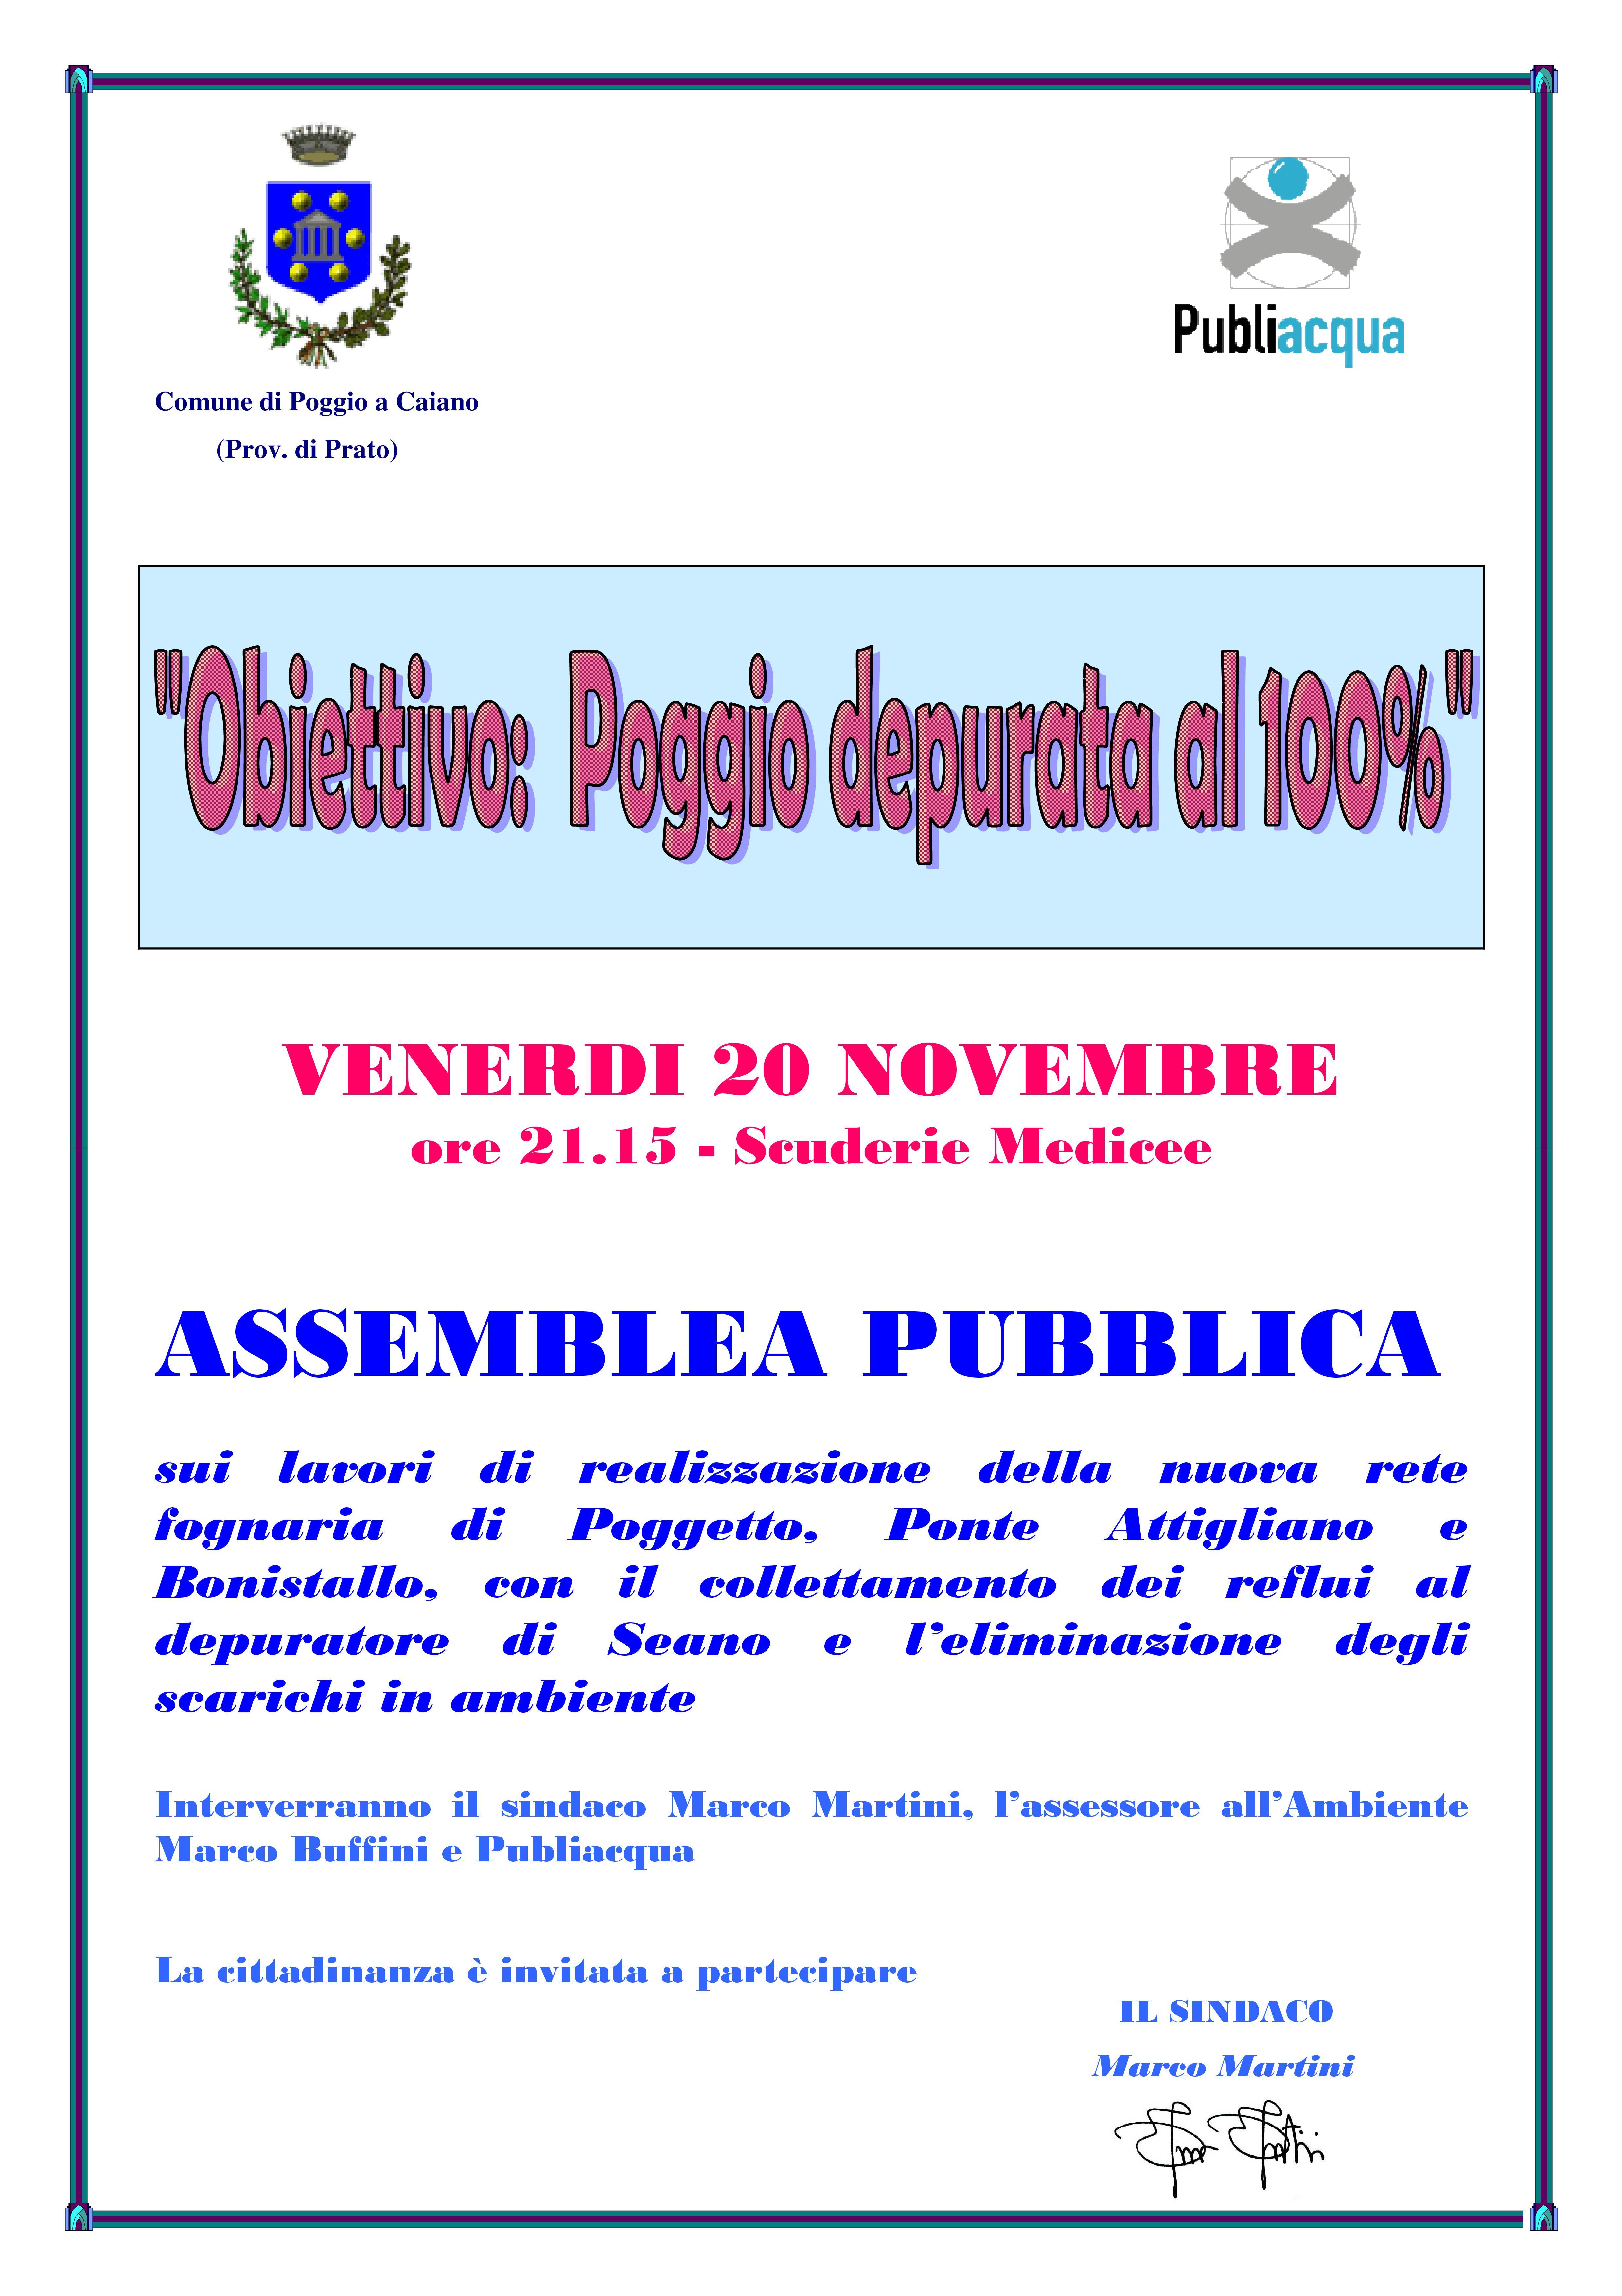 Locandina dell'assemblea pubblica Obiettivo: Poggio depurata al 100 percento